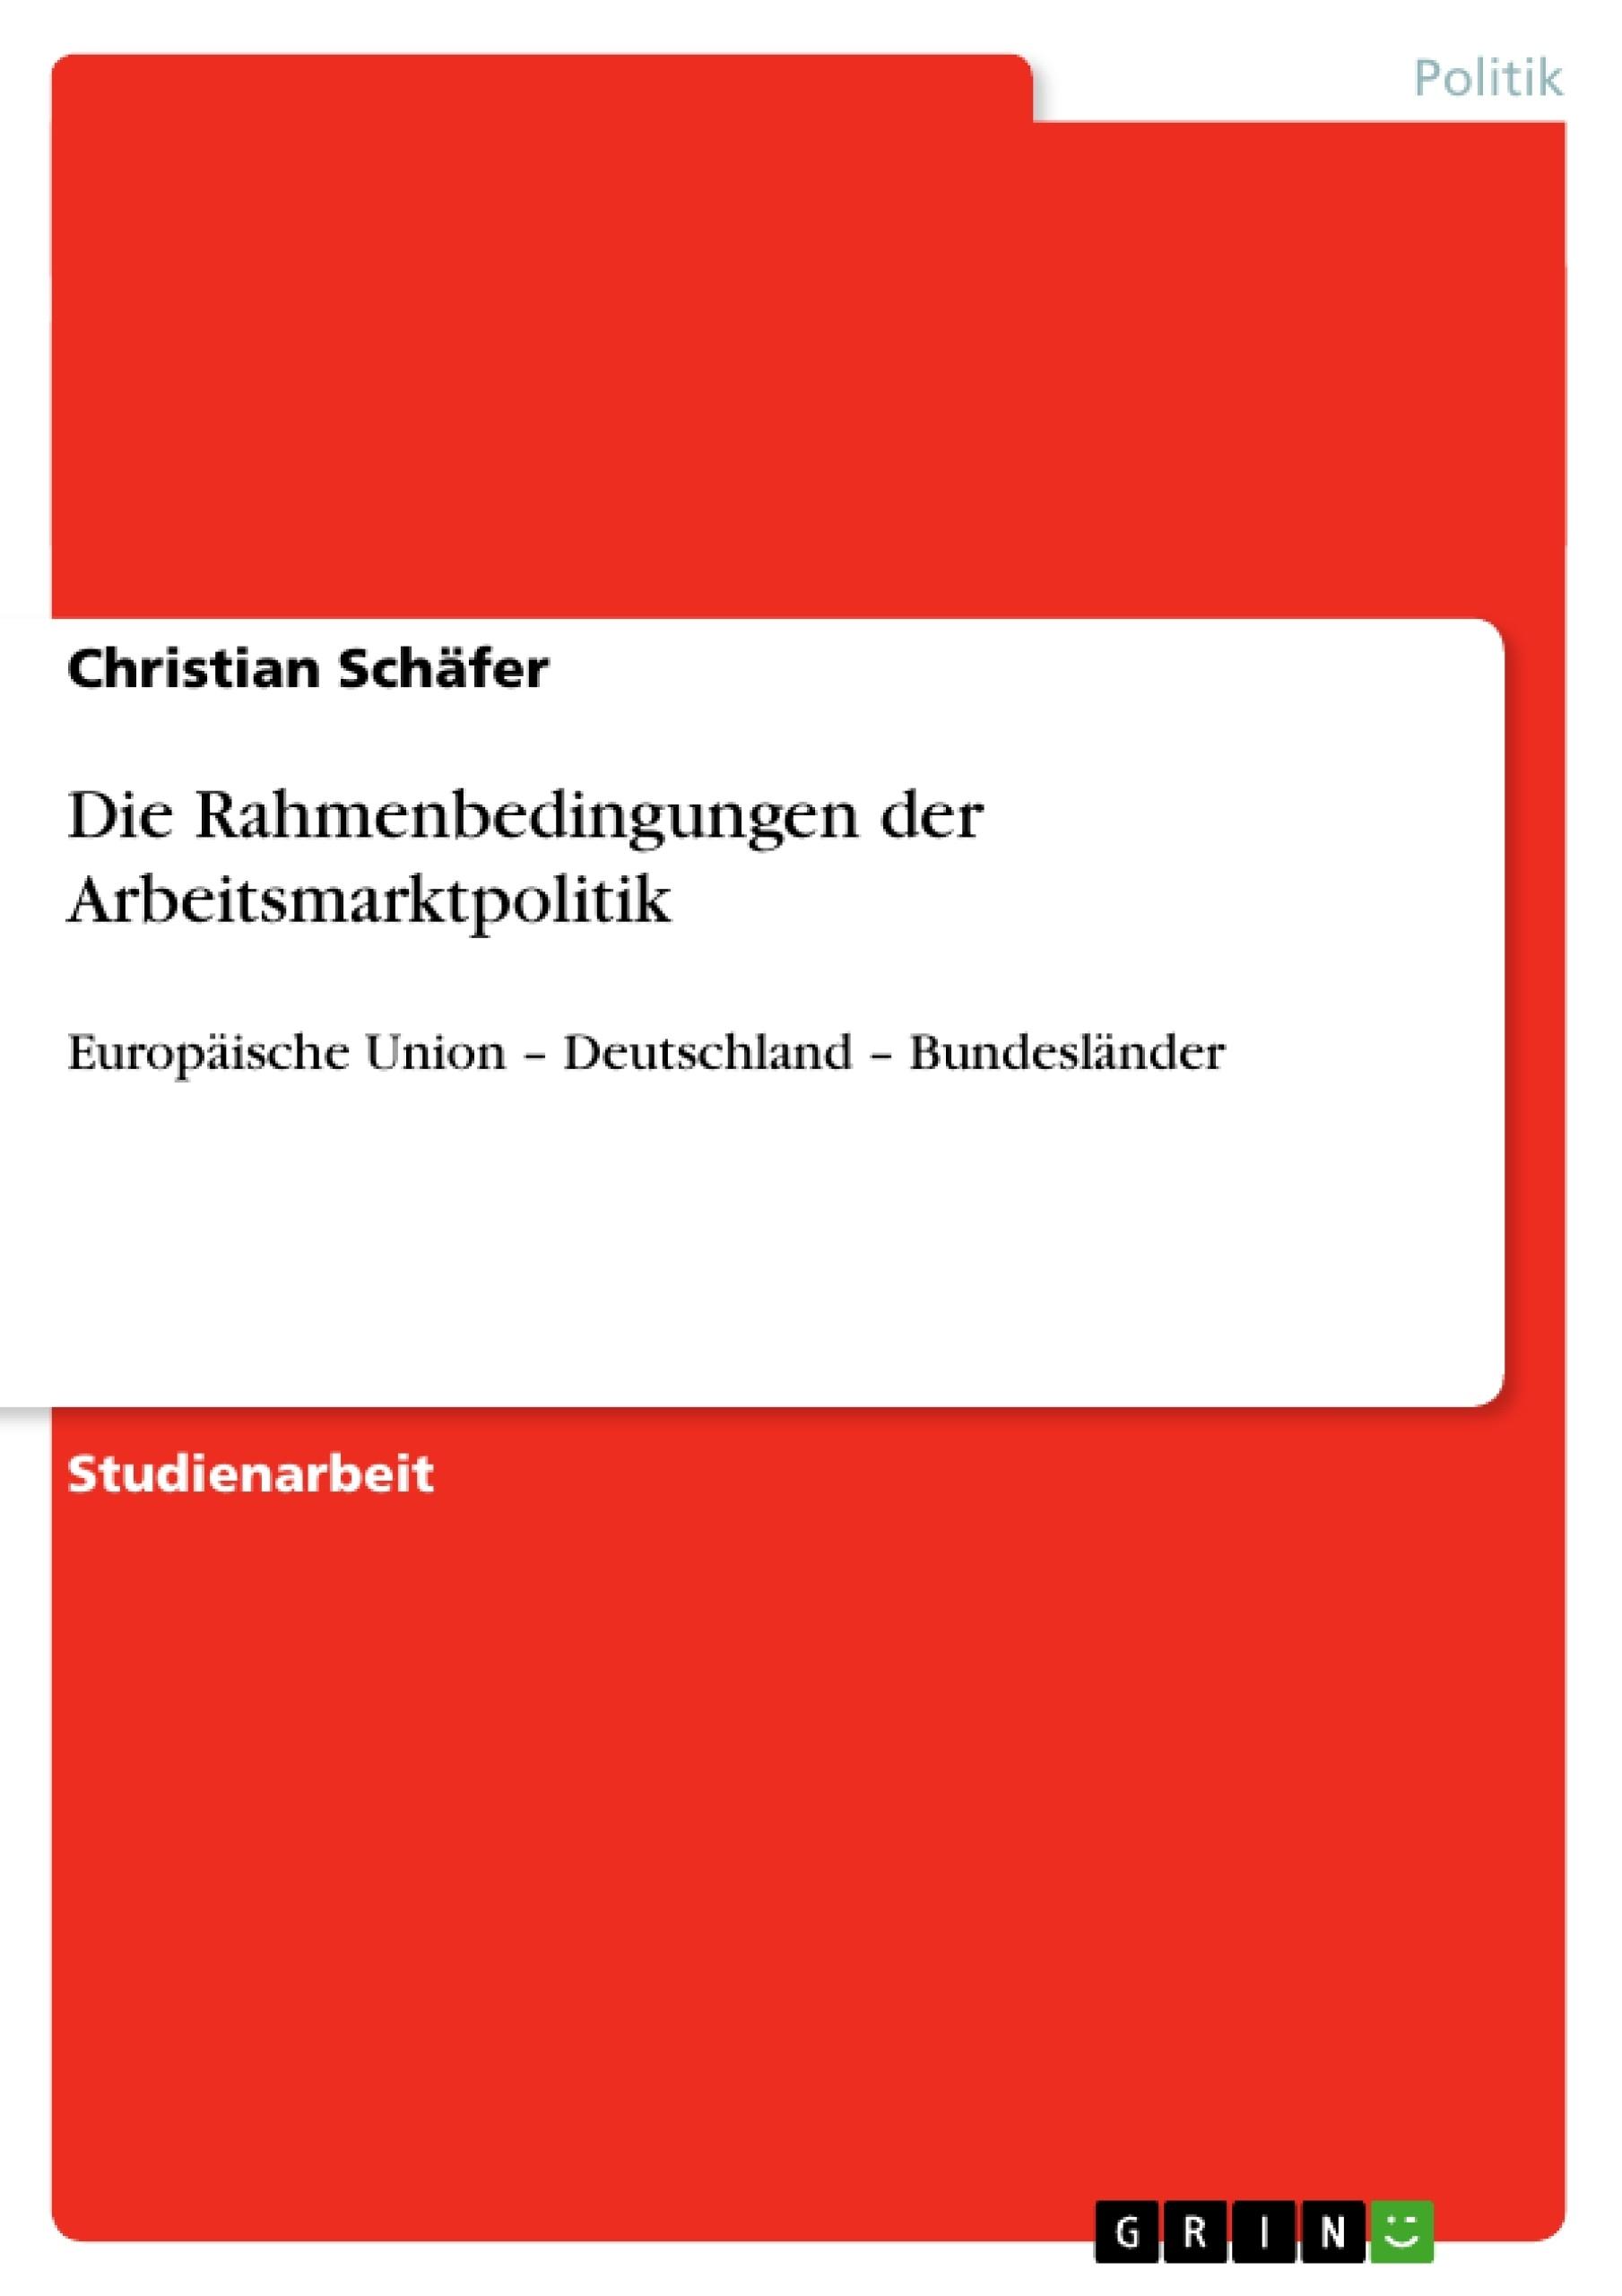 Titel: Die Rahmenbedingungen der Arbeitsmarktpolitik